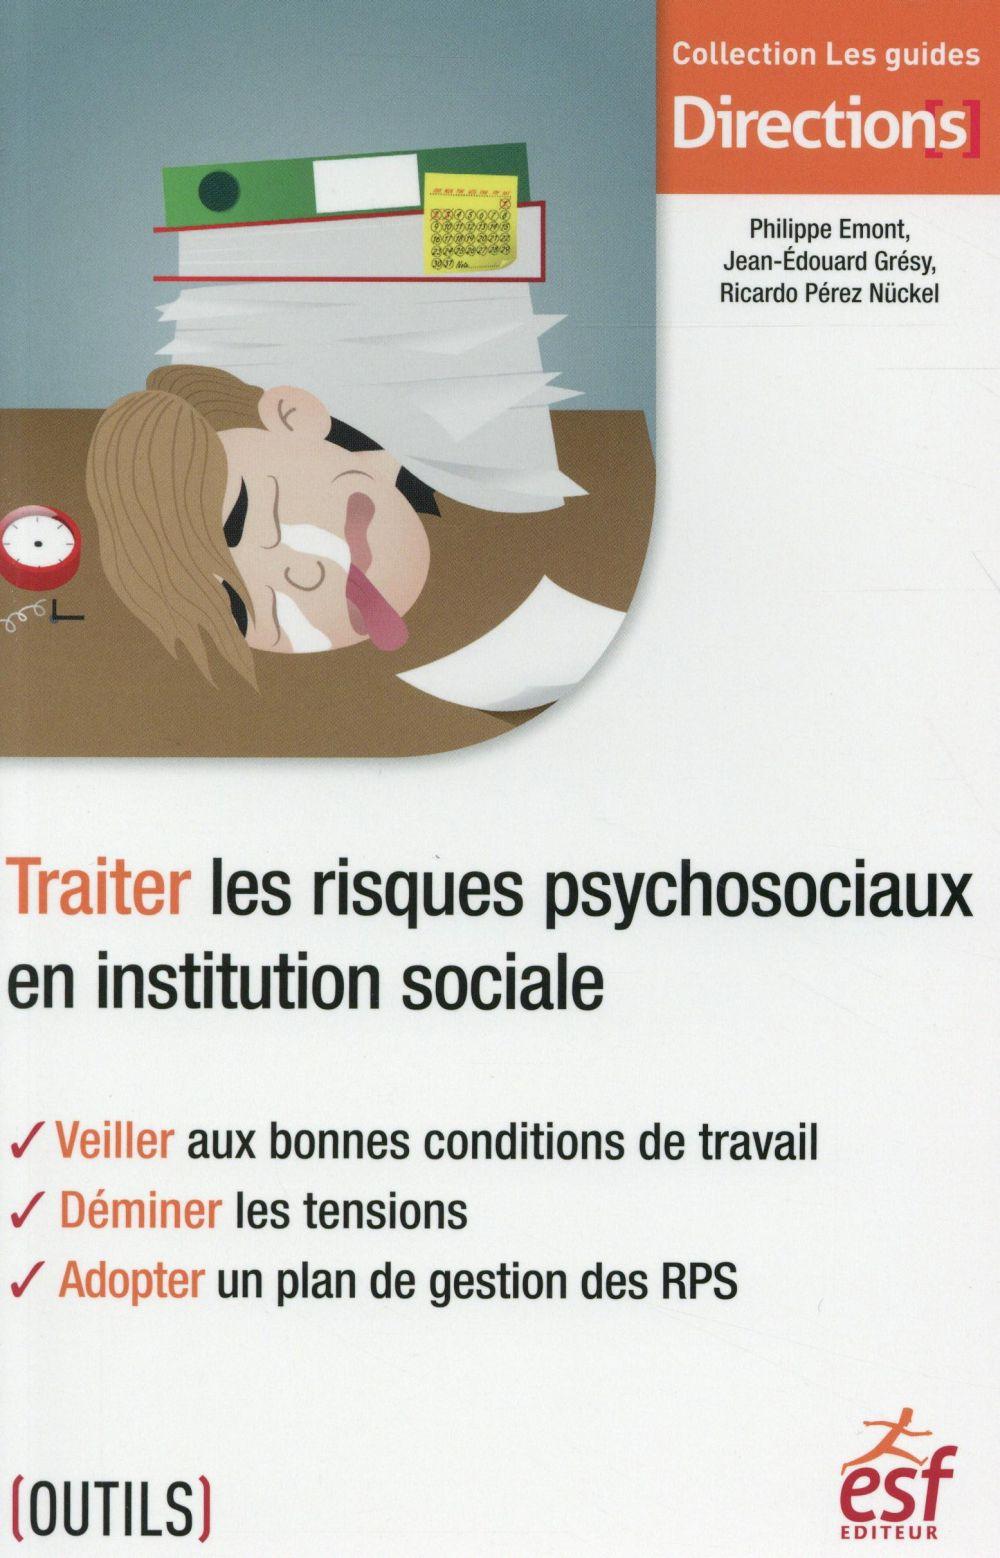 Traiter les risques psychosociaux en intervention sociale